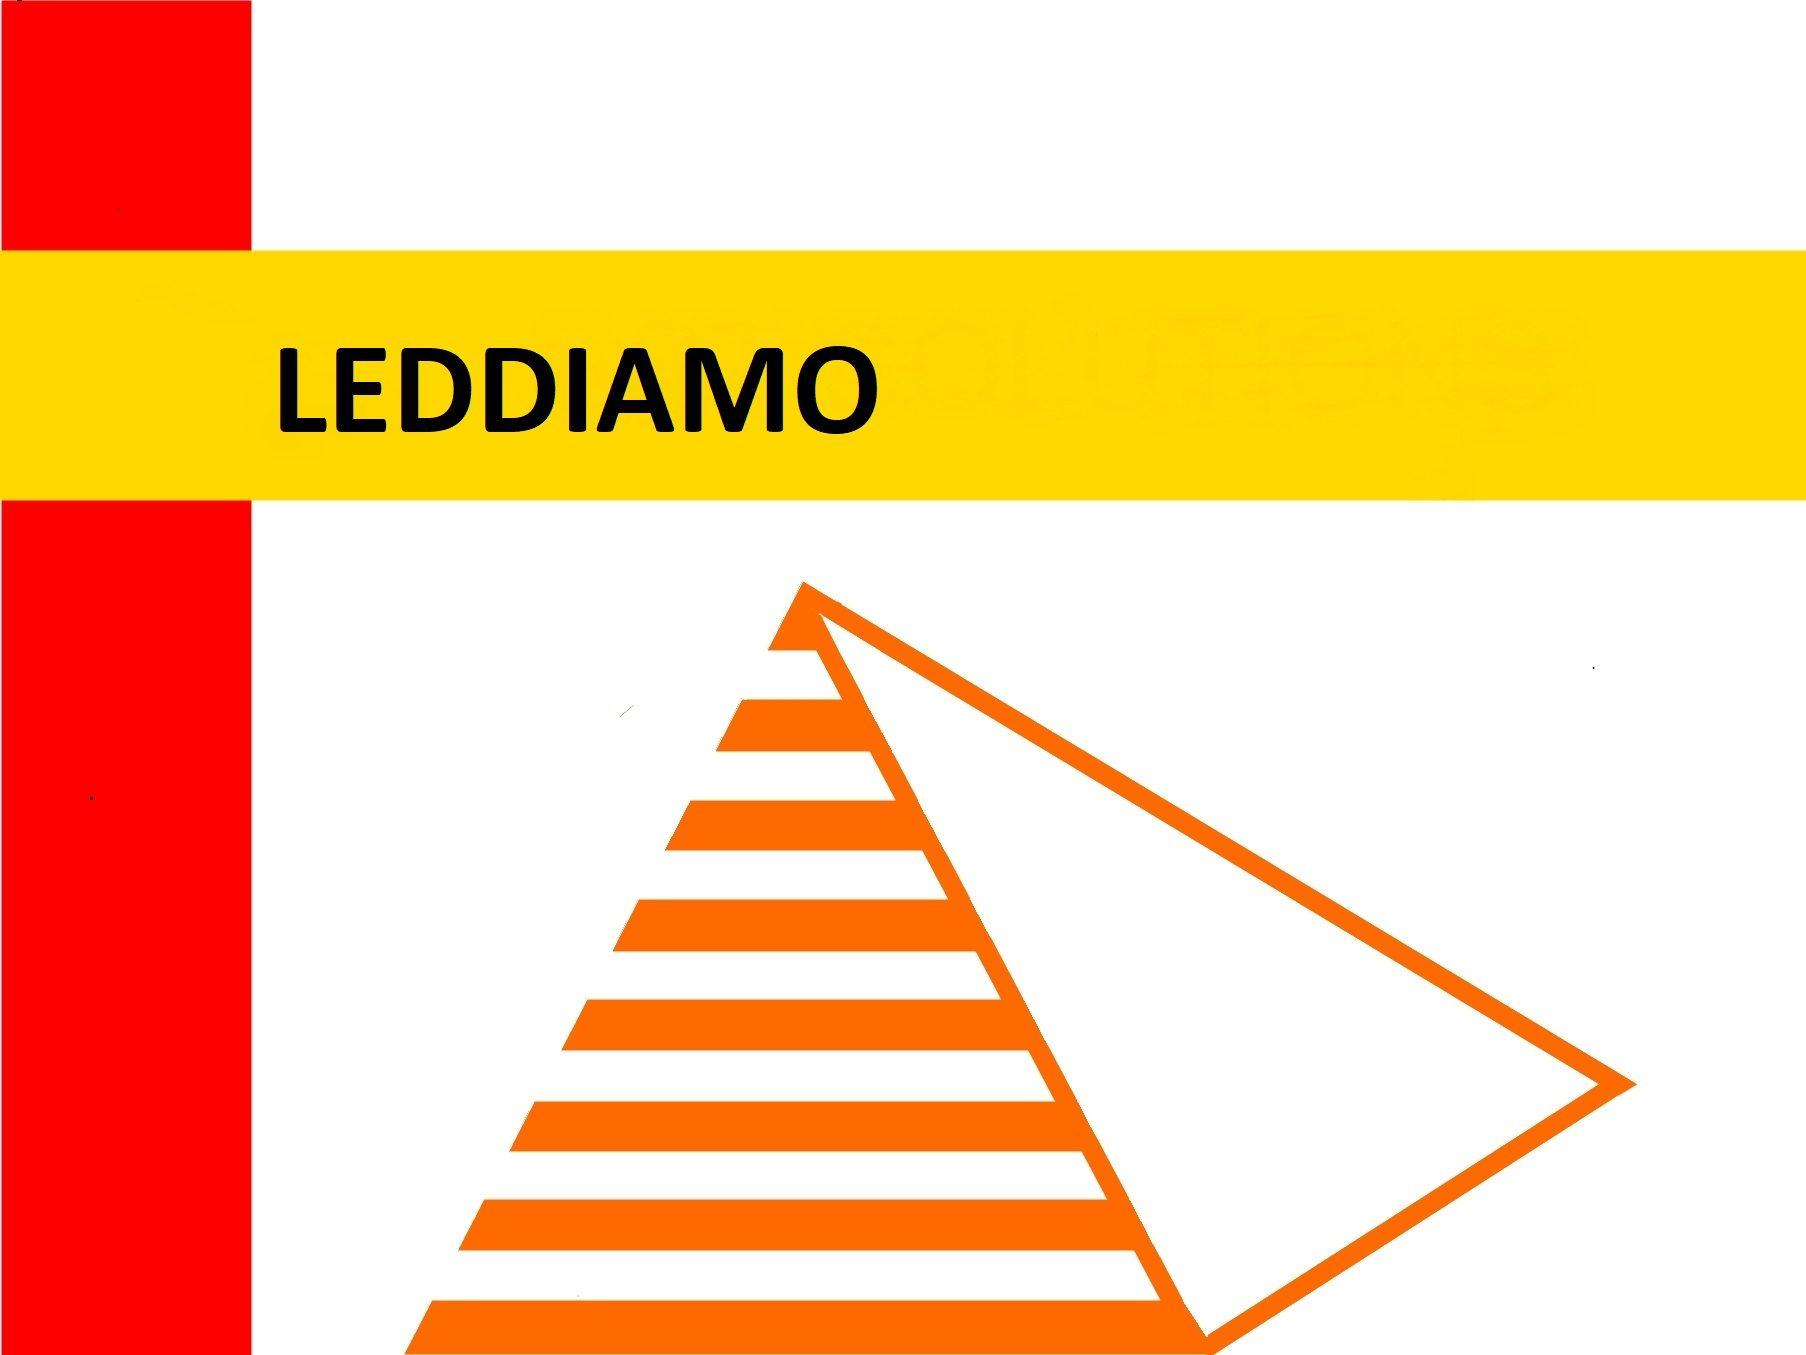 LEDDIAMO